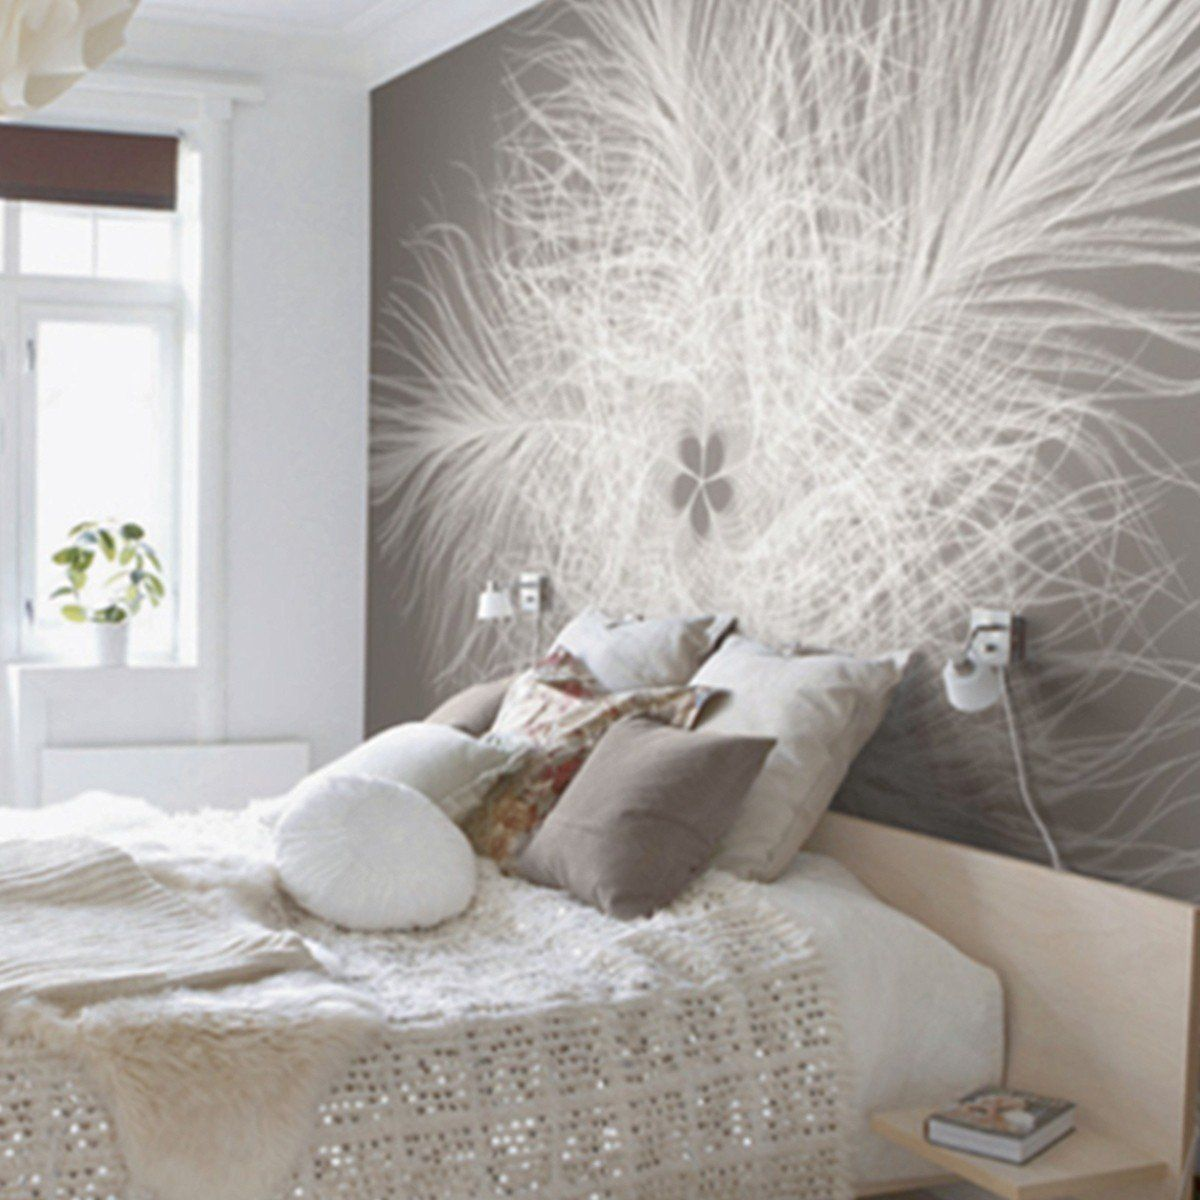 Federstern haus tapeten schlafzimmer und schlafzimmer tapete - Schlafzimmer hellbraun ...